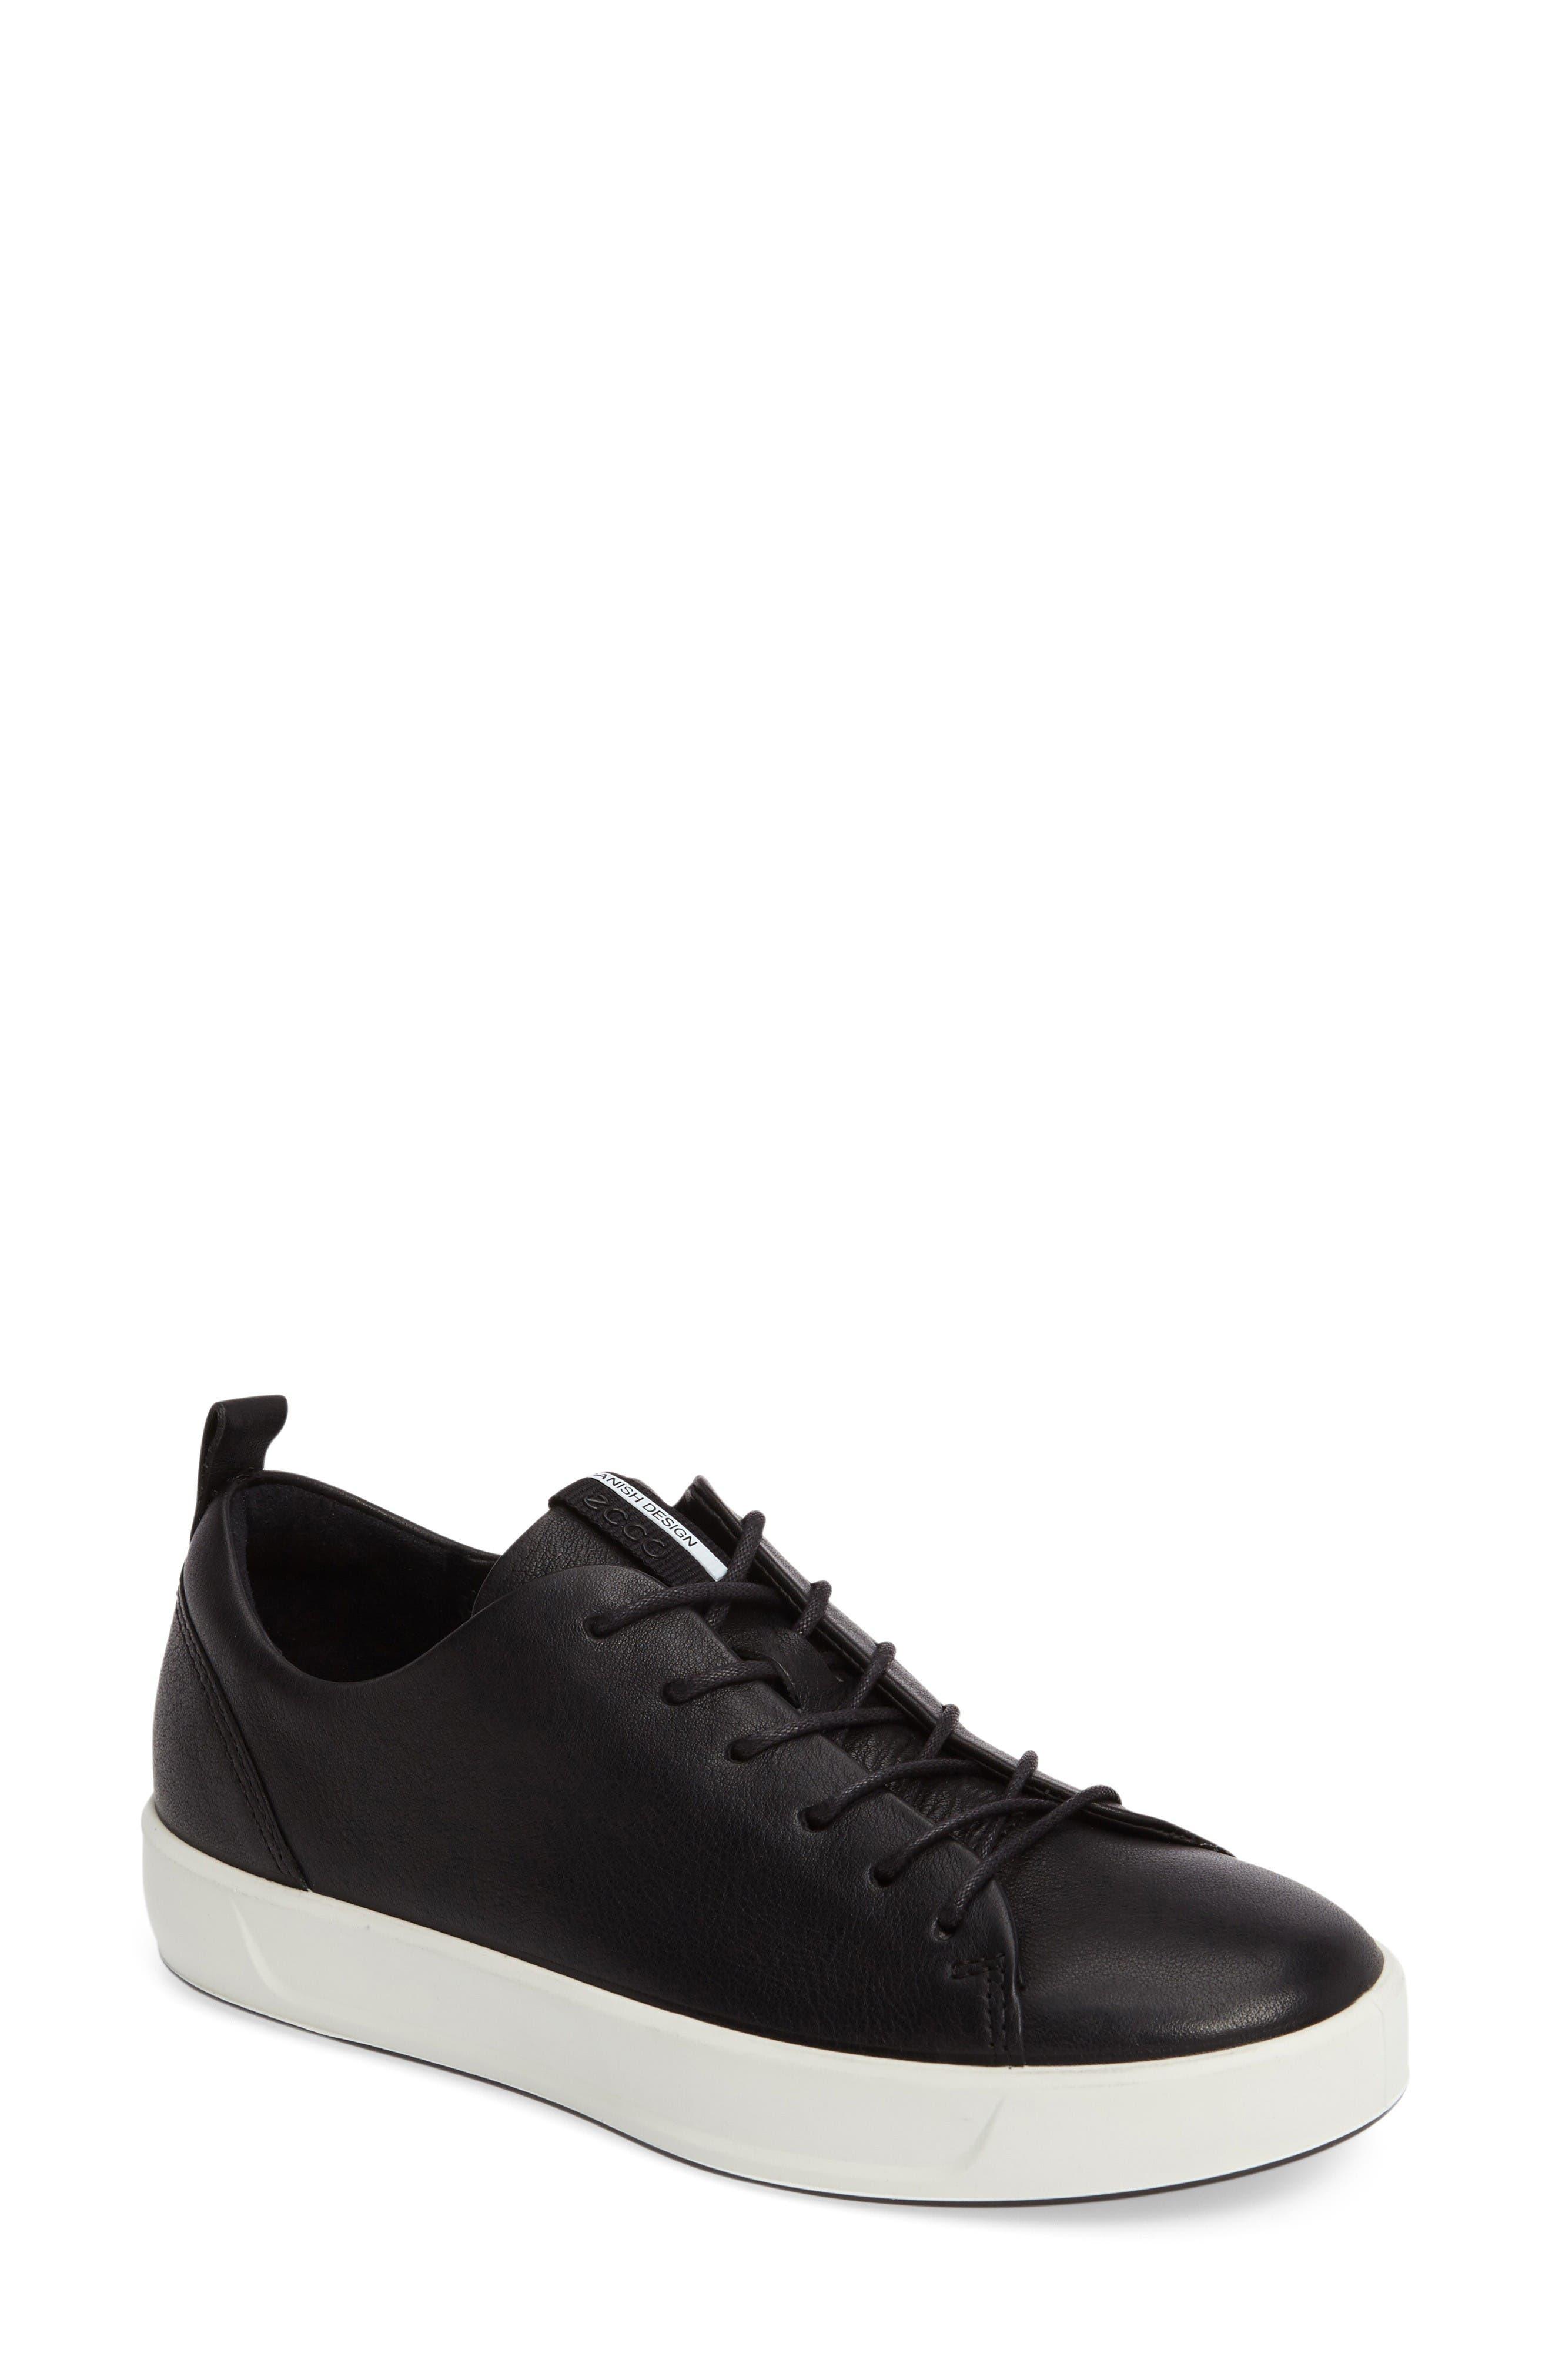 ECCO Soft 8 Sneaker (Women)